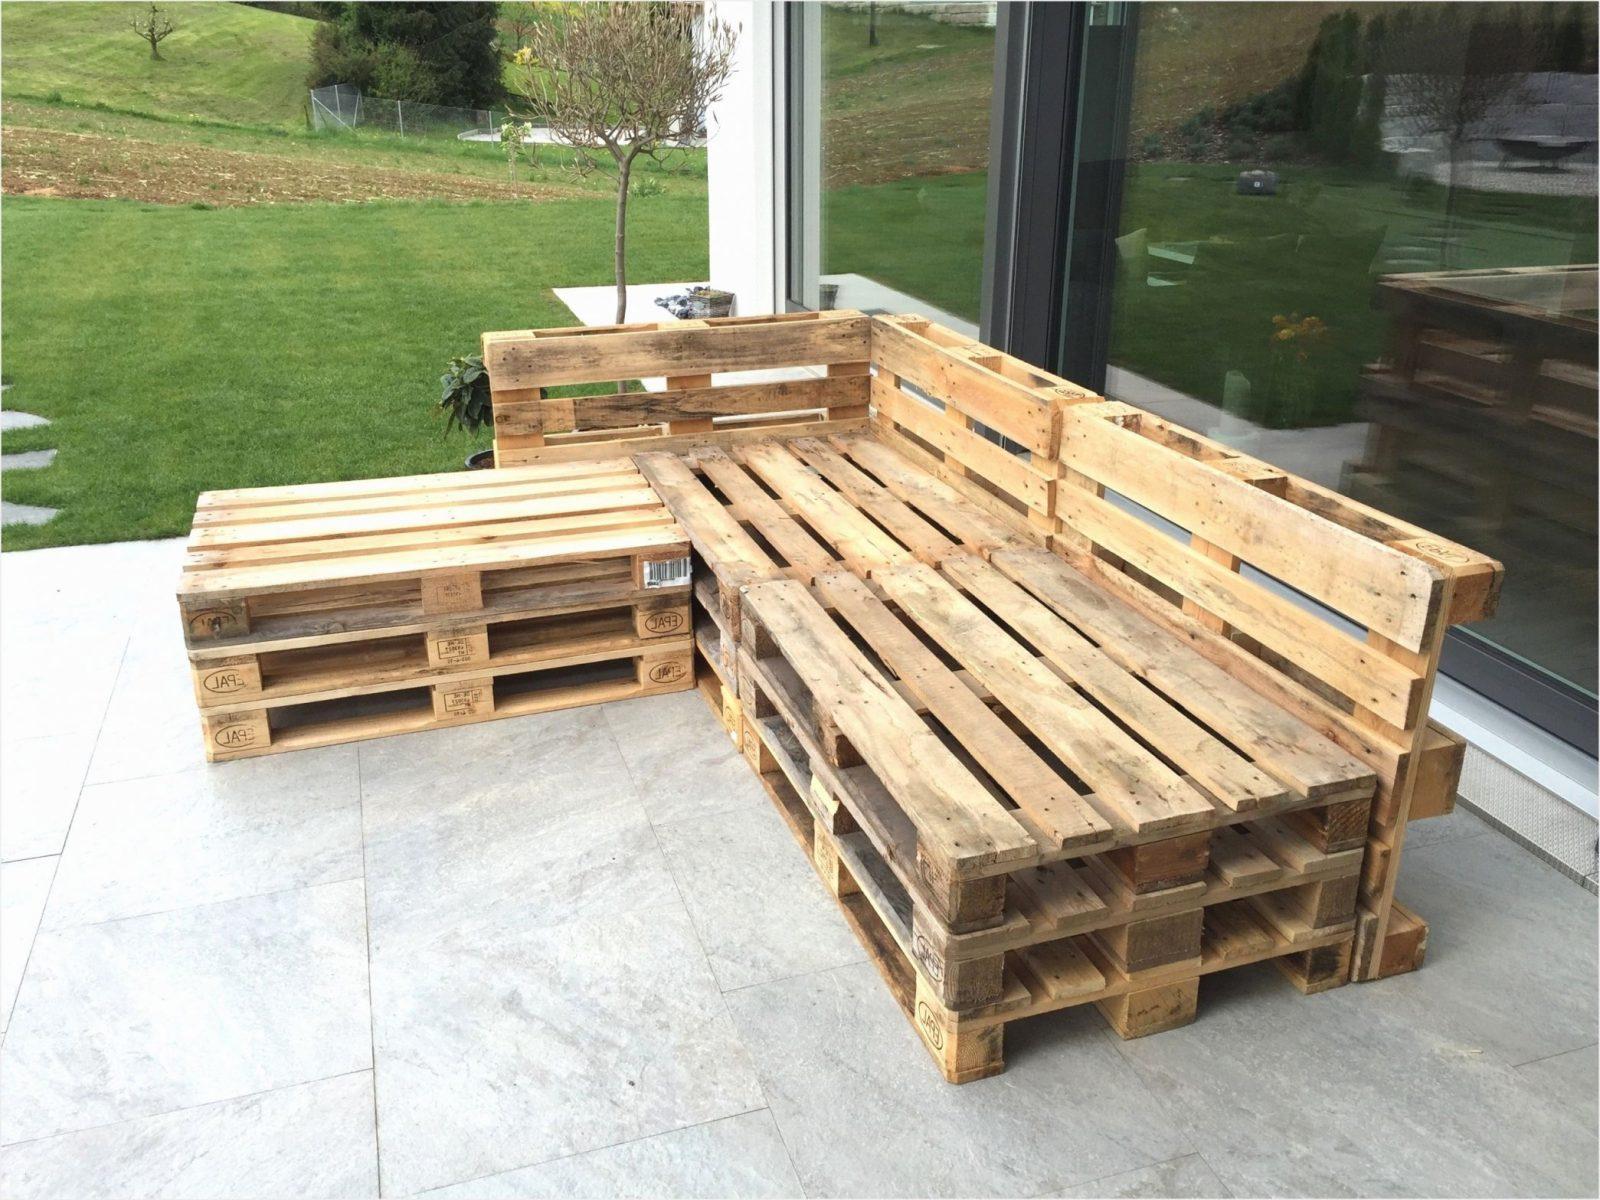 Bauholz Möbel Selber Bauen Das Beste Von Einmalig Katzenmöbel Selber von Möbel Aus Bauholz Selber Bauen Bild